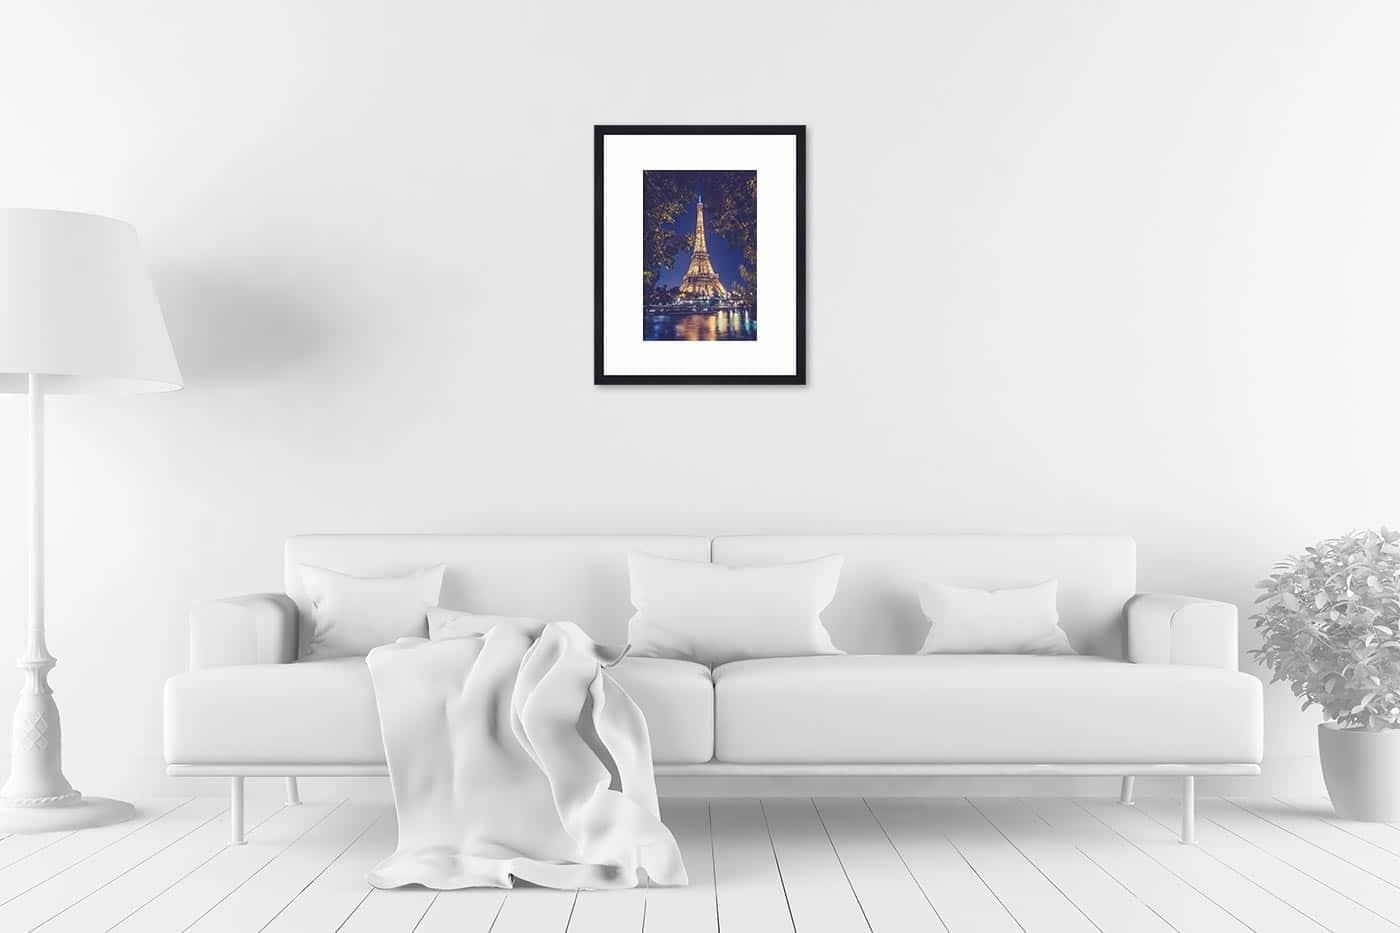 Cadre galerie 40x50 Paris 22H34